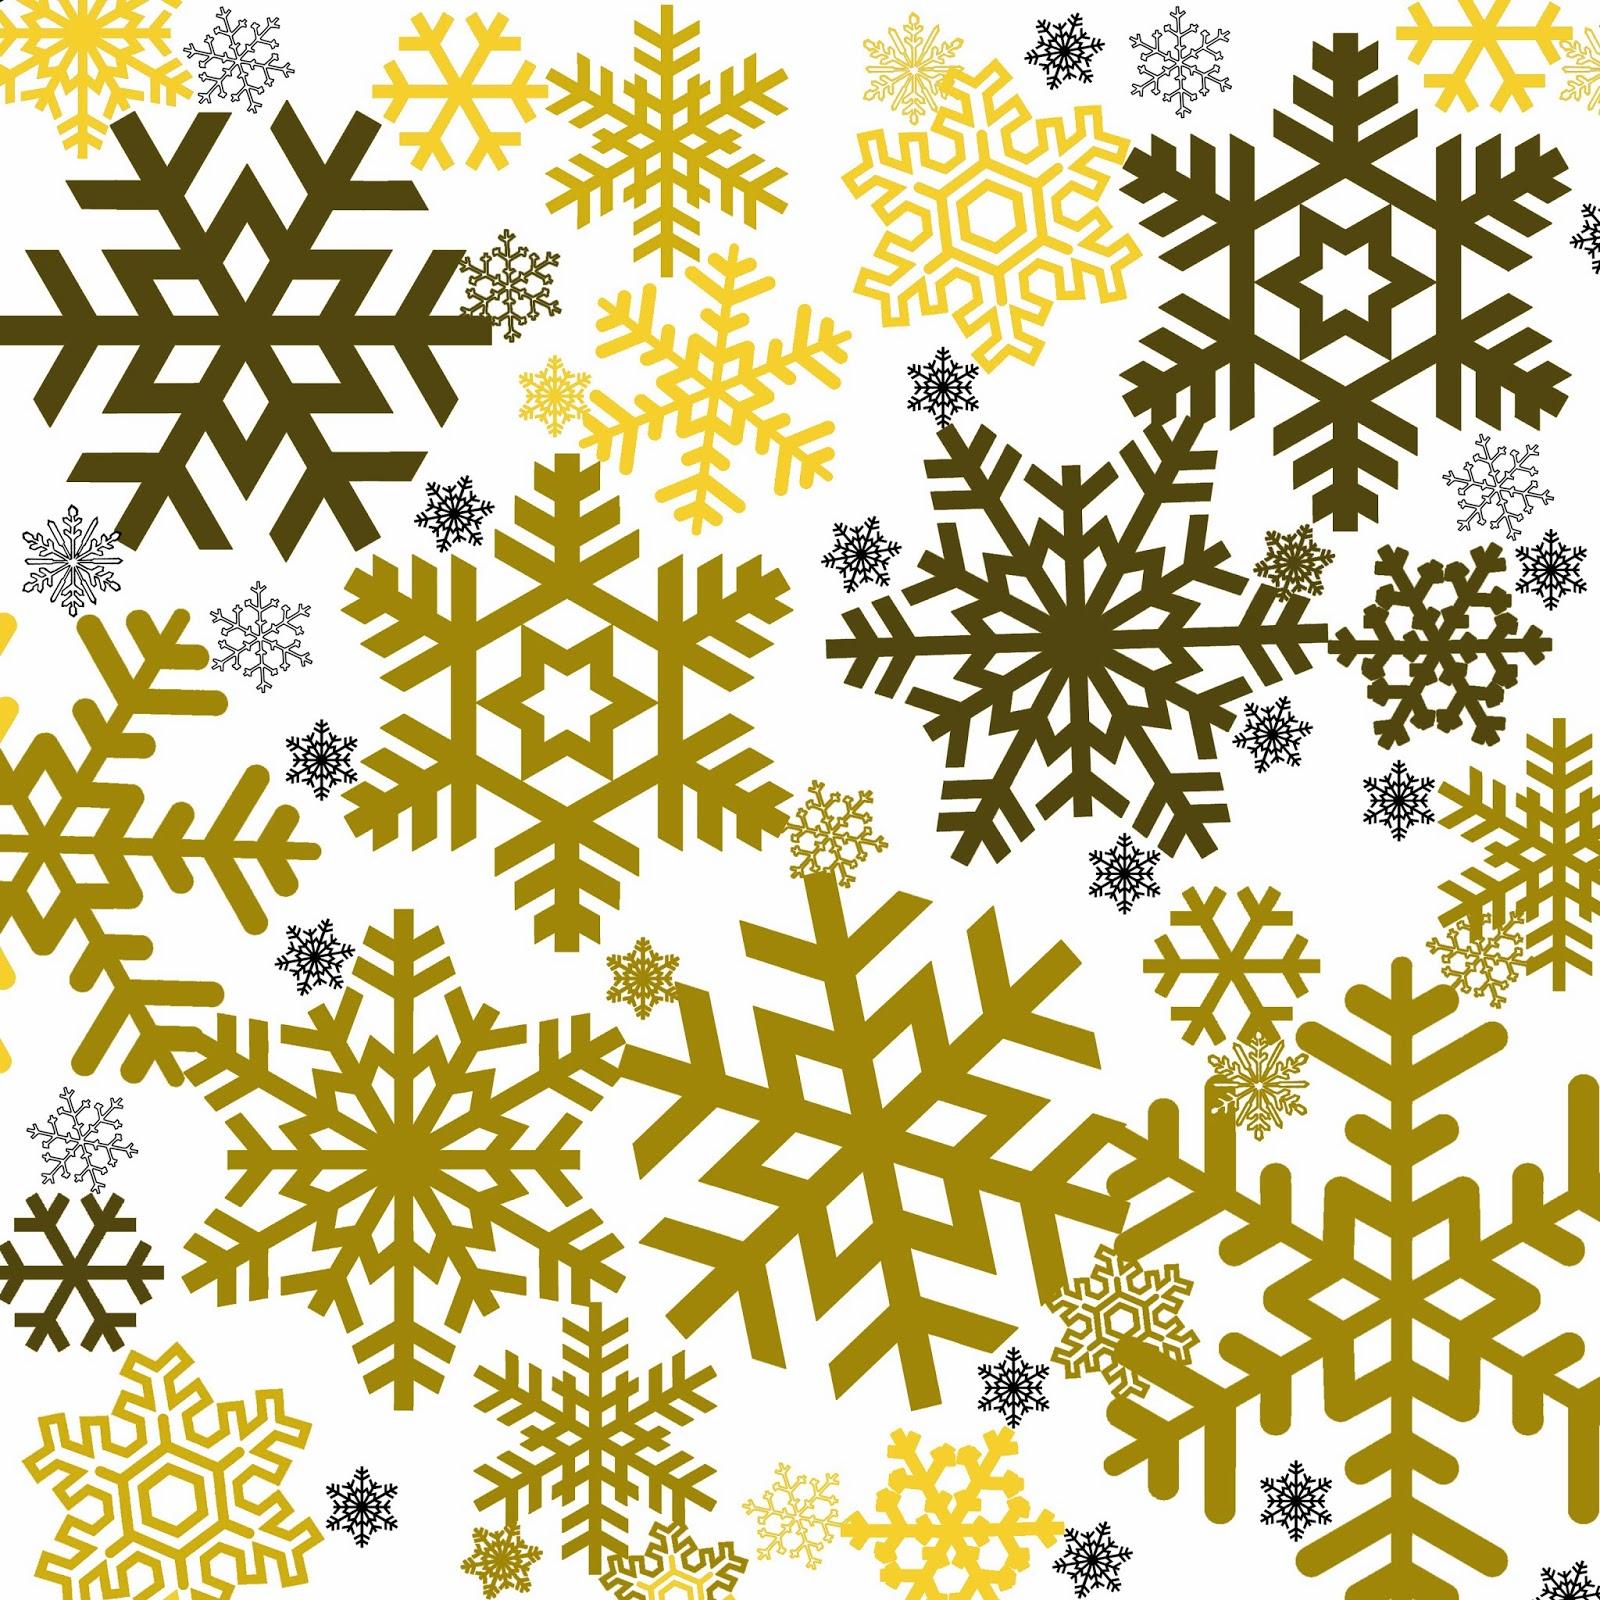 Freebie Week More Snowflakes